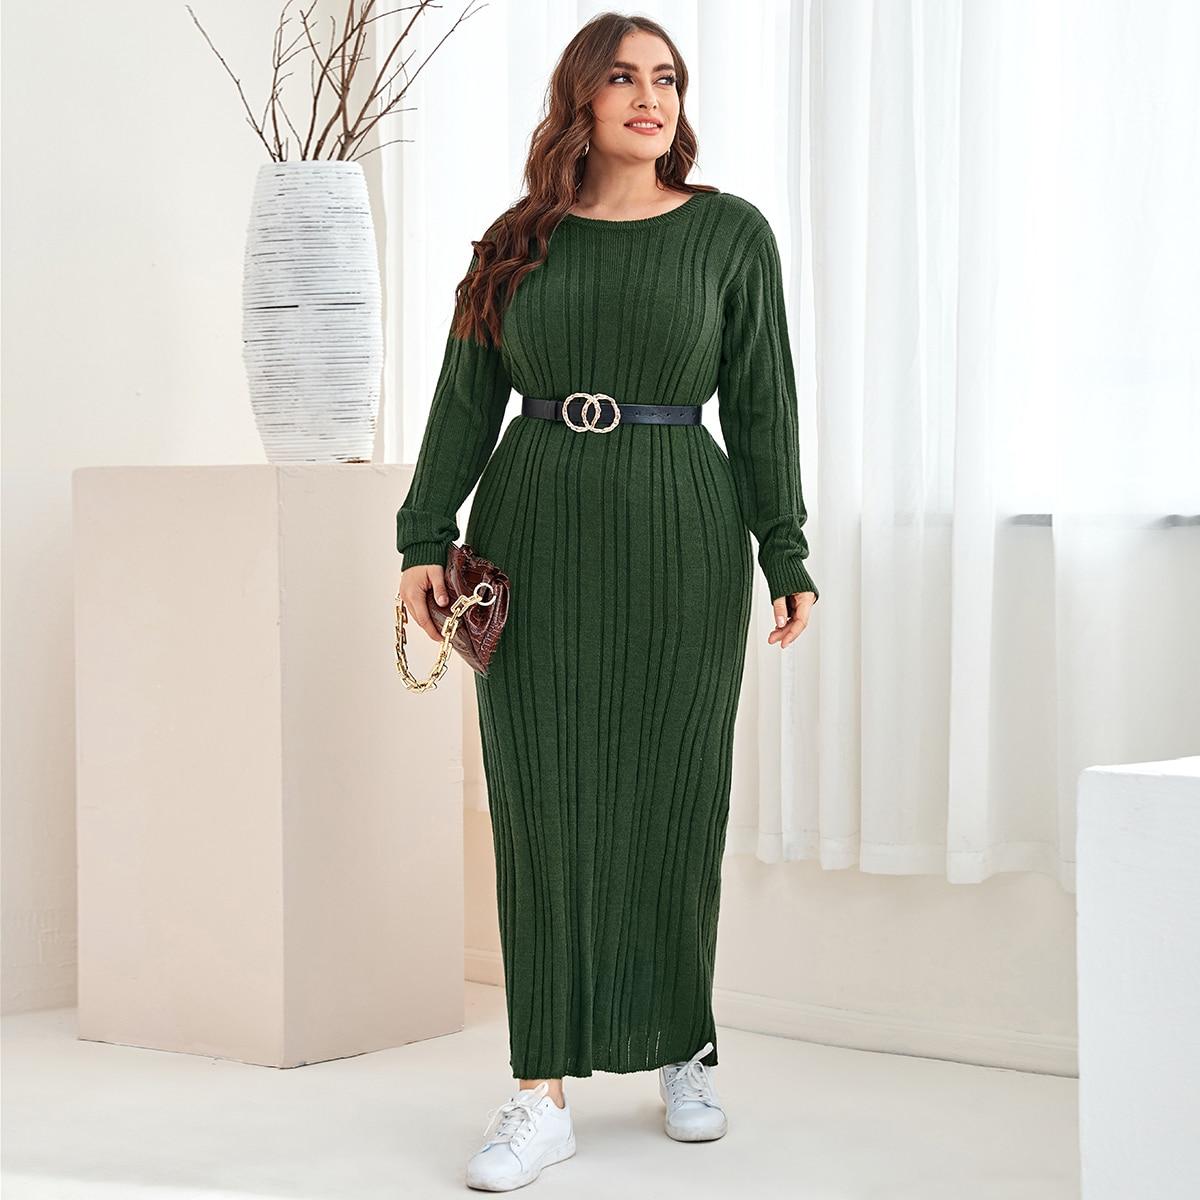 трикотажный Одноцветный Повседневный Свитер-платье размер плюс